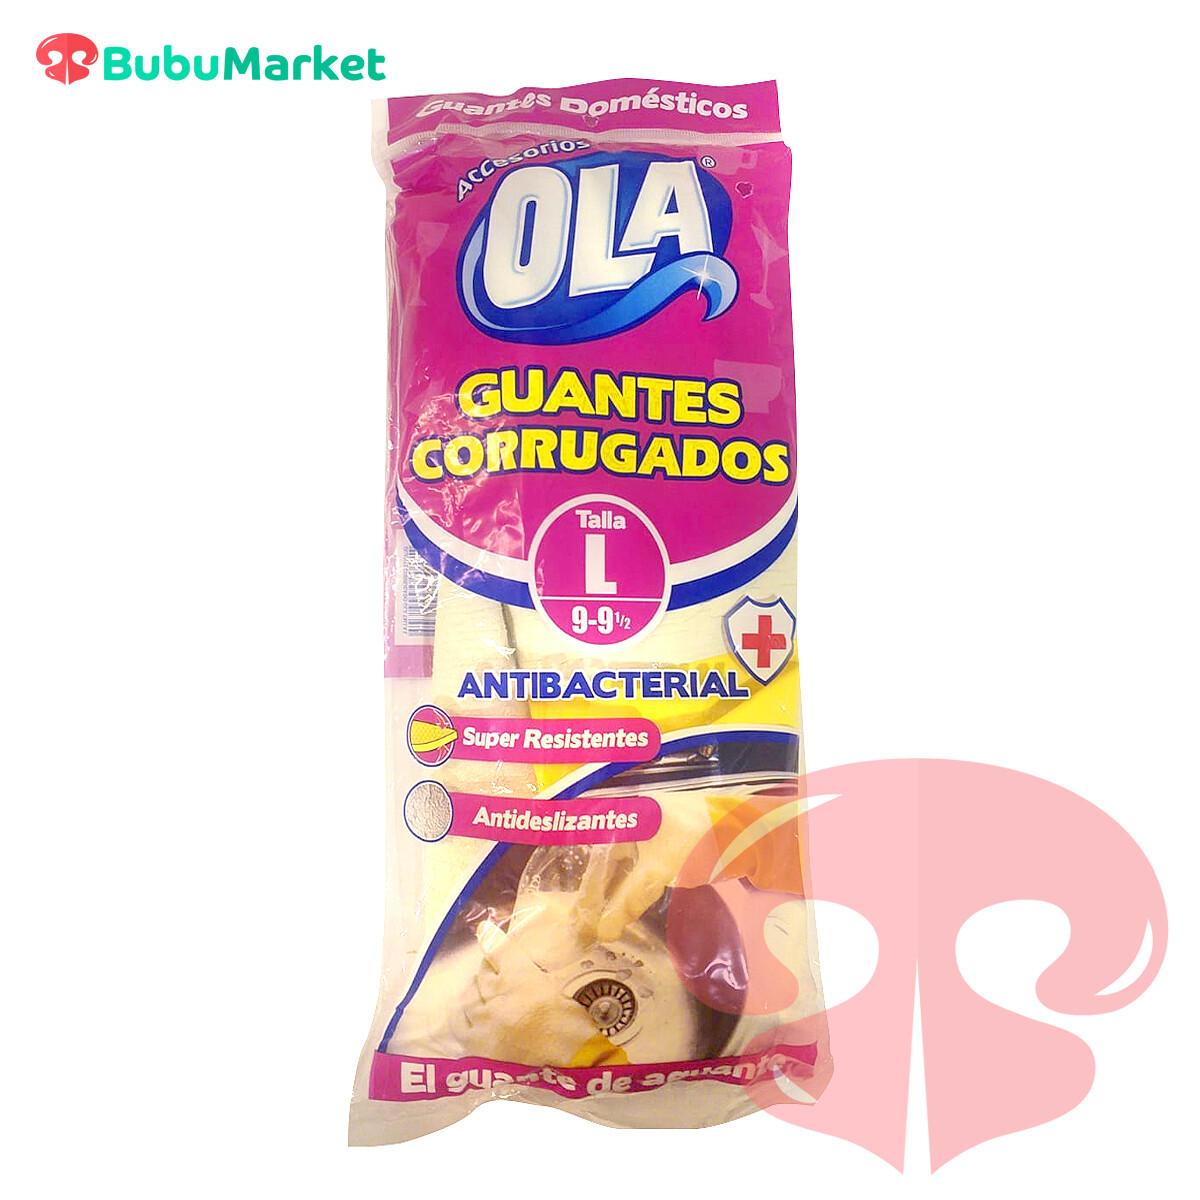 GUANTES CORRUGADOS OLA TALLA L (9-9y1/2)